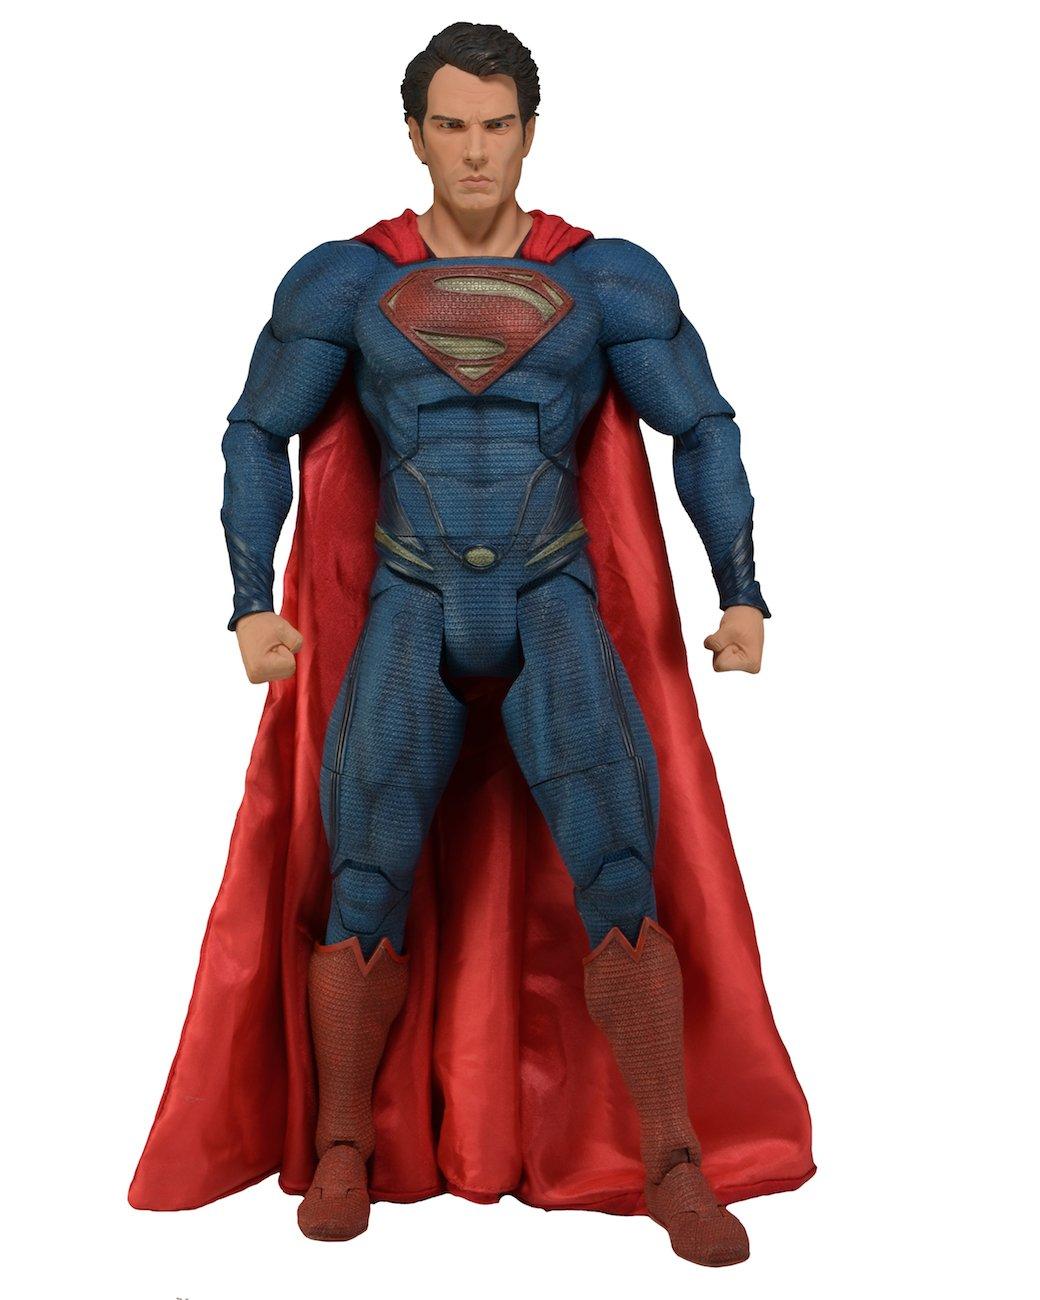 100% a estrenar con calidad original. Desconocido Man of Steel NE61404 - súperman, figura de de de 45 cm, escala 1 4 (Neca NEC0NC61404) - Figura Escala 1 4 (45 cm)  los últimos modelos